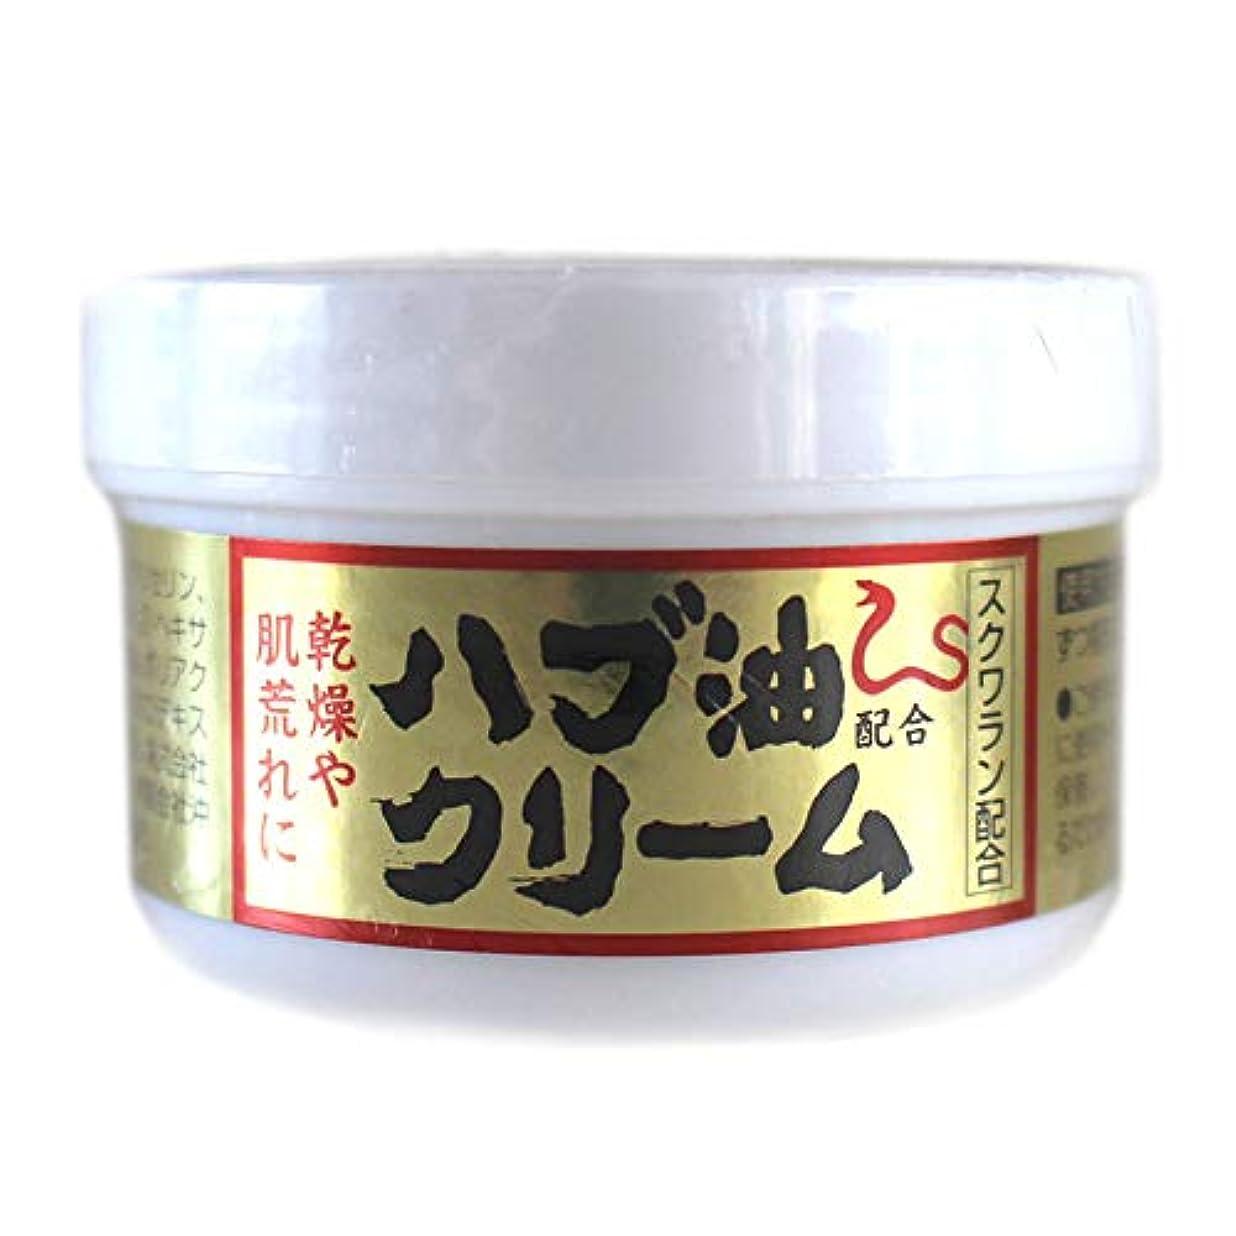 読むグラム海ハブ油配合クリーム 3個【1個?50g】